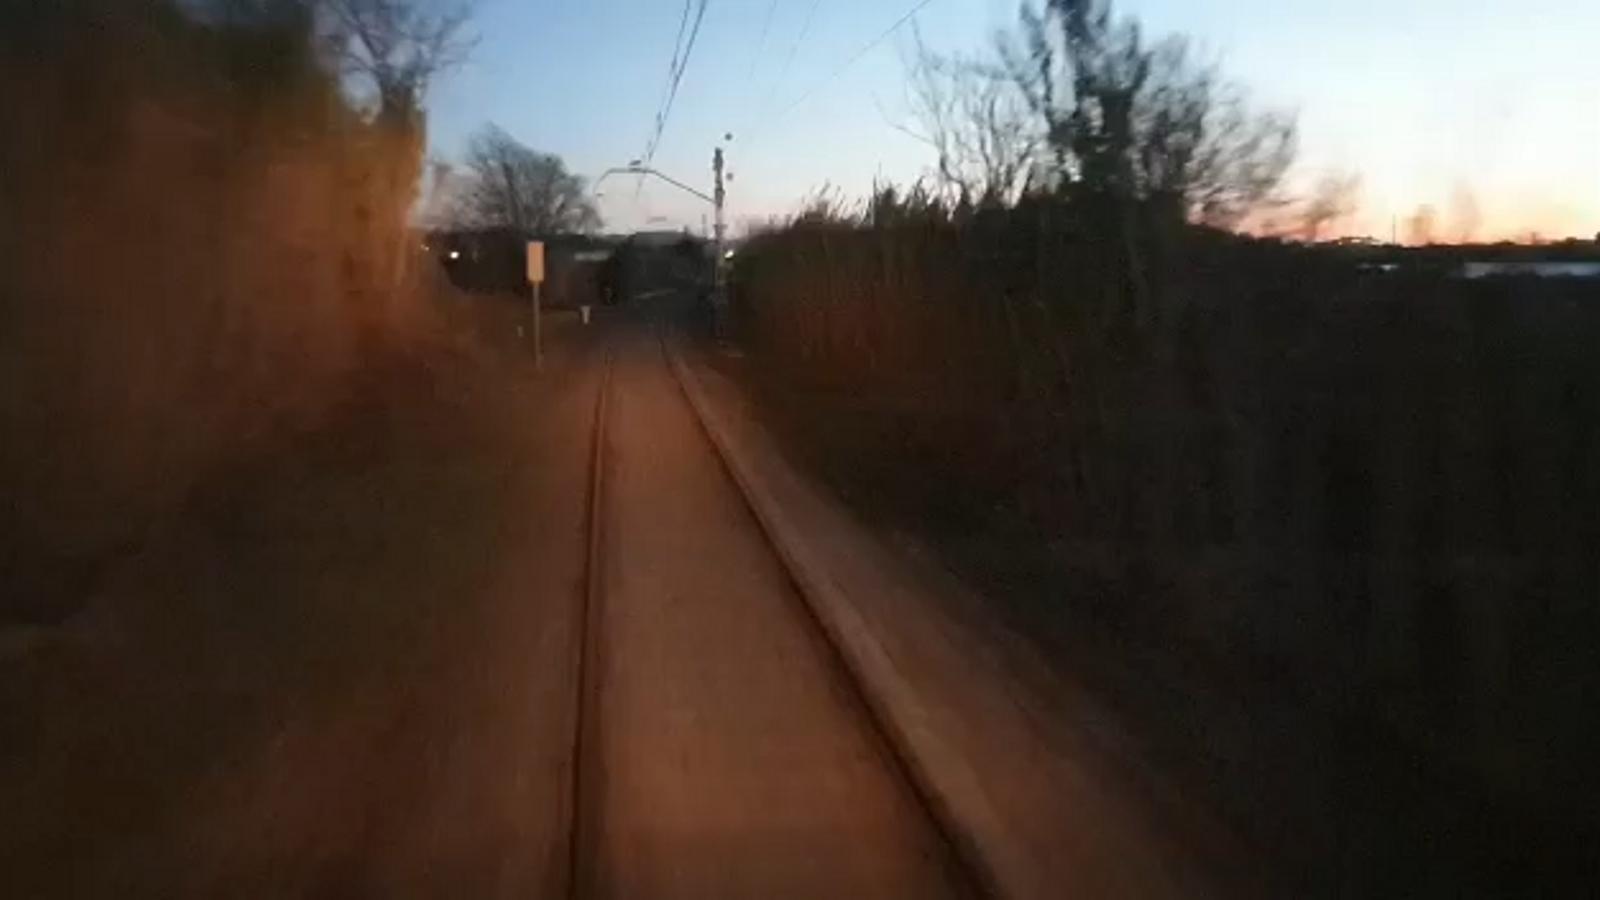 Imatges des de cabina de tren passant pel nou pont ferroviari que enllaça Blanes i Malgrat